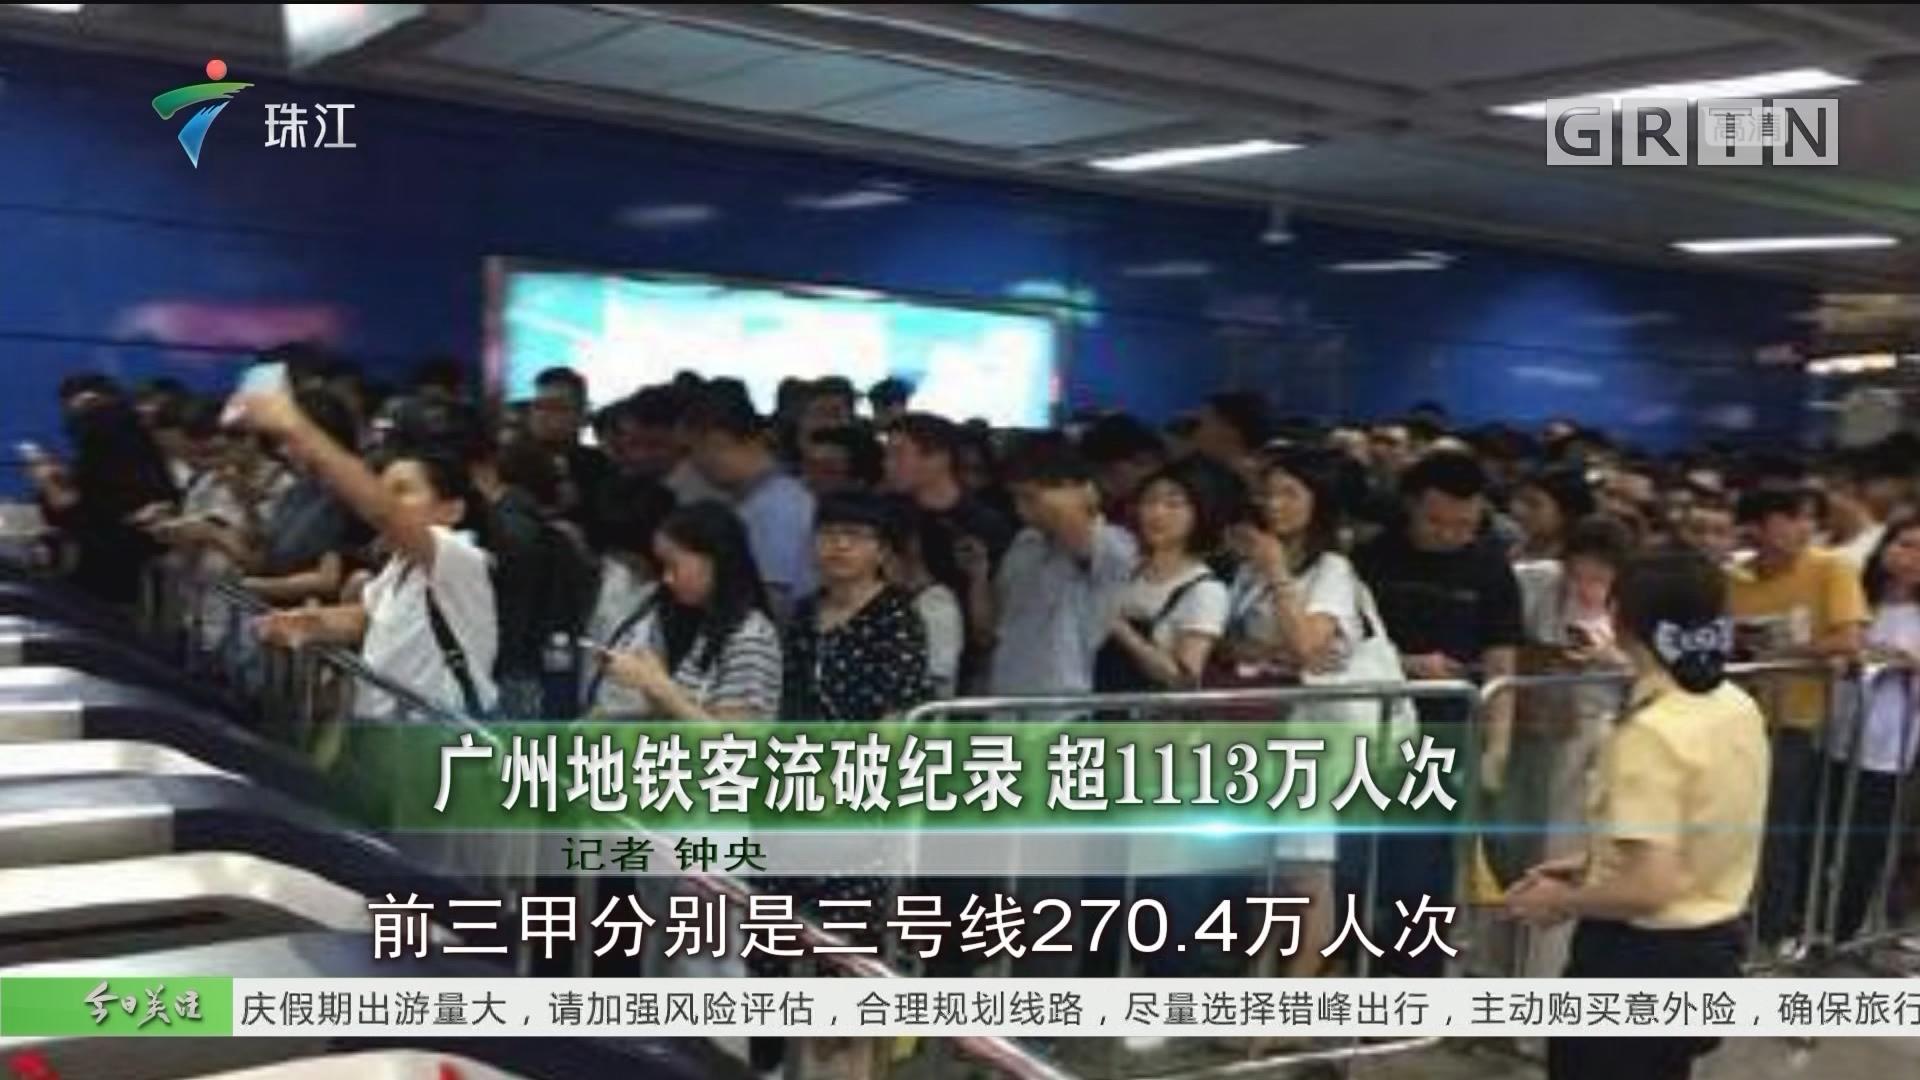 广州地铁客流破纪录 超1113万人次